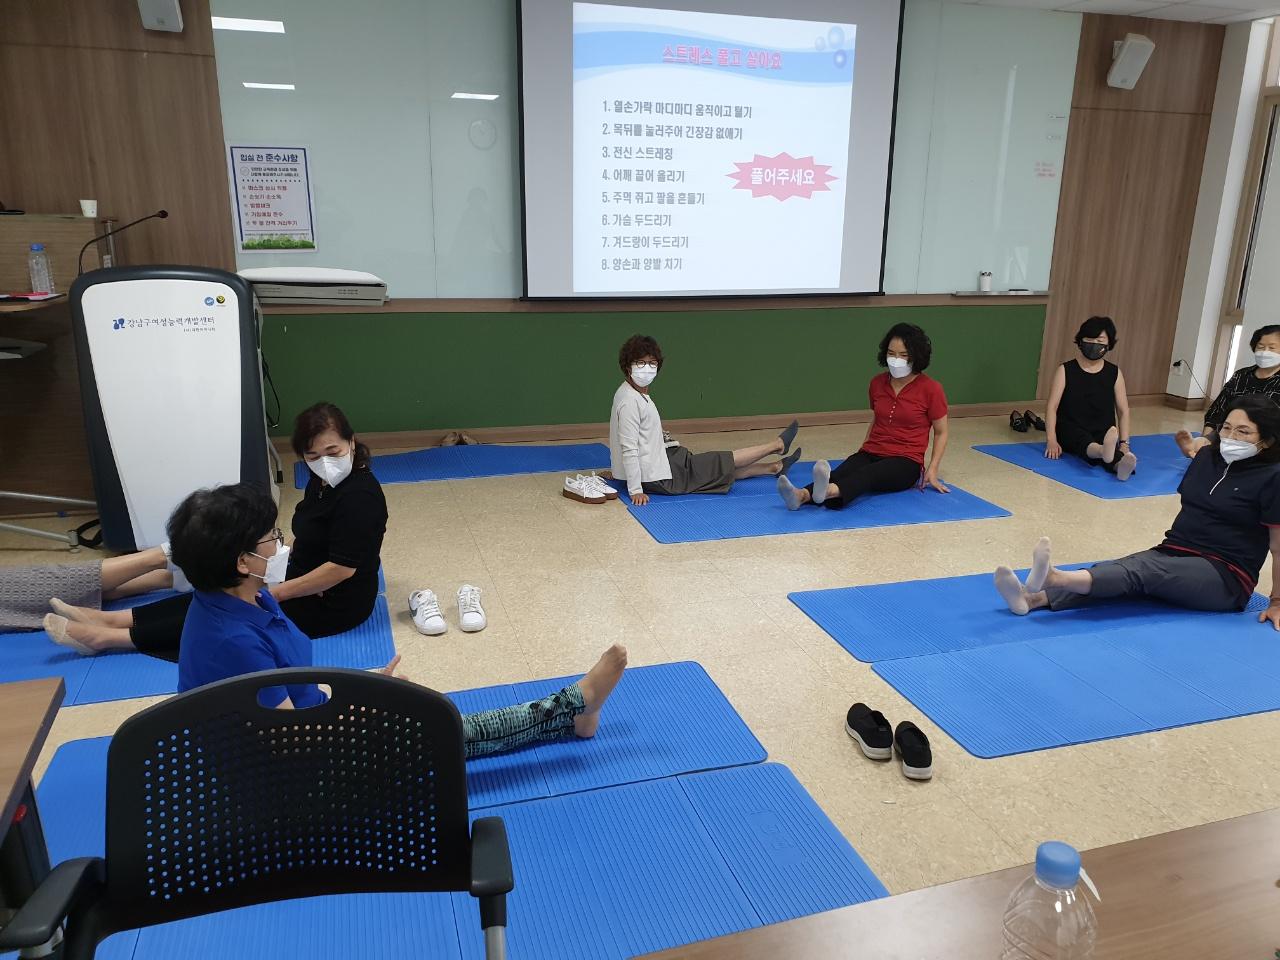 산모·신생아건강관리사 양성과정 4차 (8월) 교육